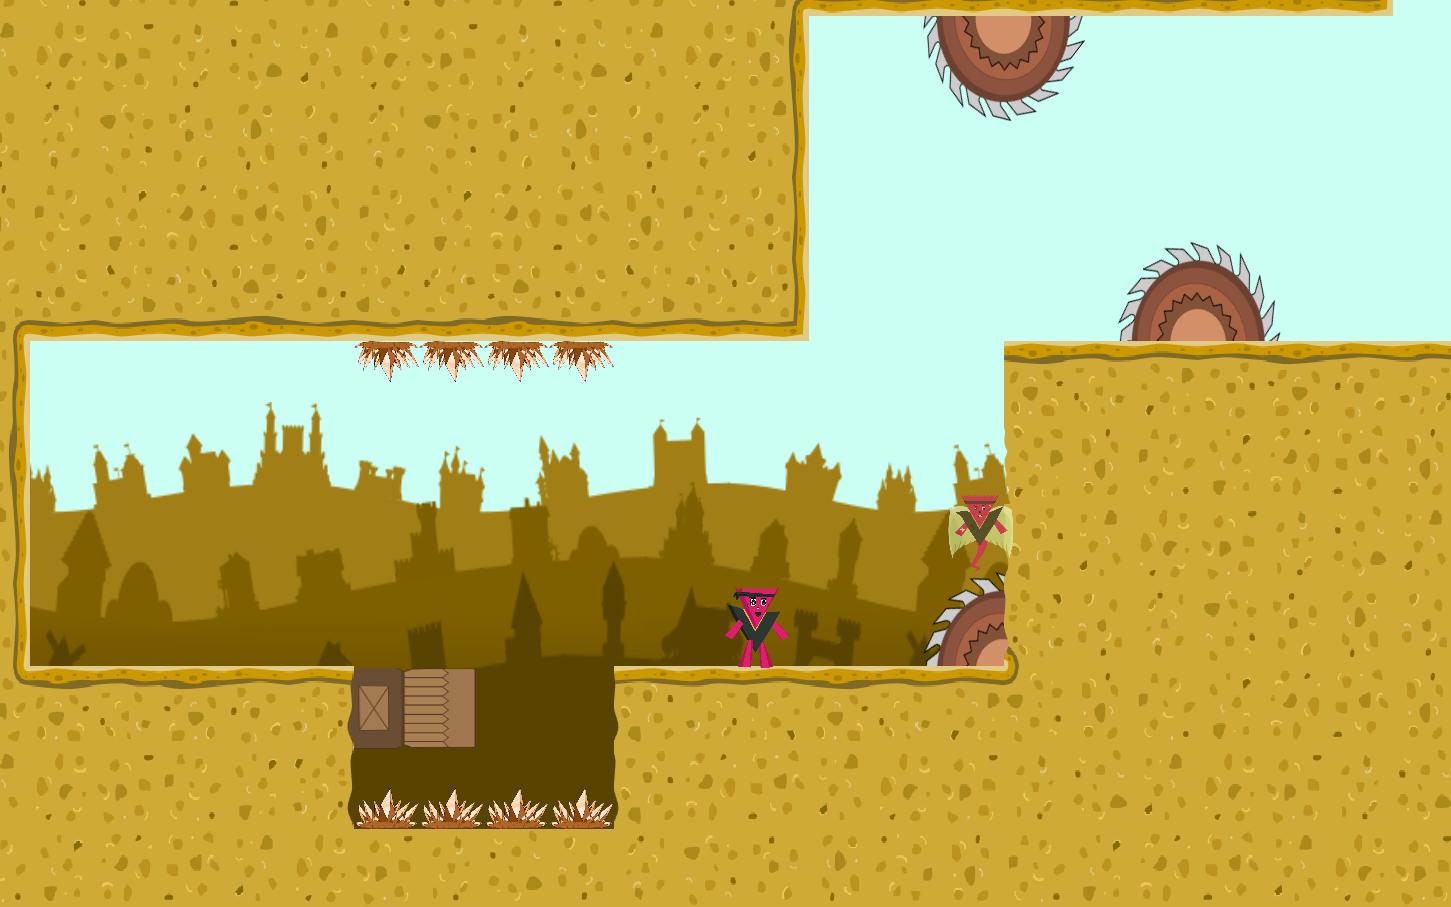 Quest of Vidhuraa   Ragequit level